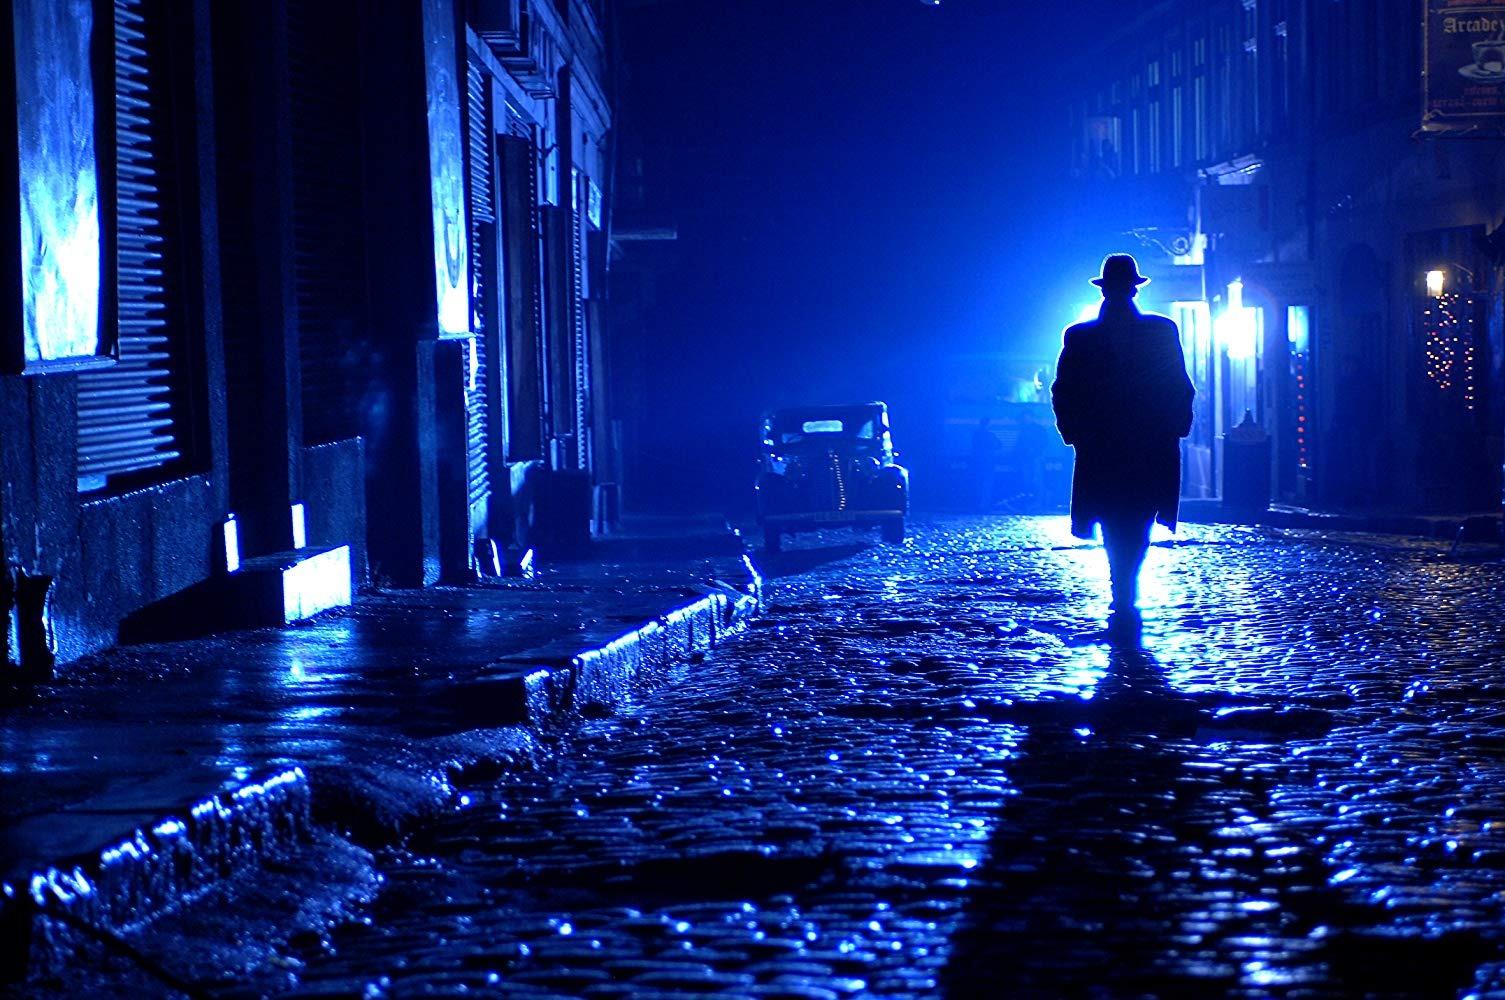 голубого мужчина один ночью картинки просто сказка